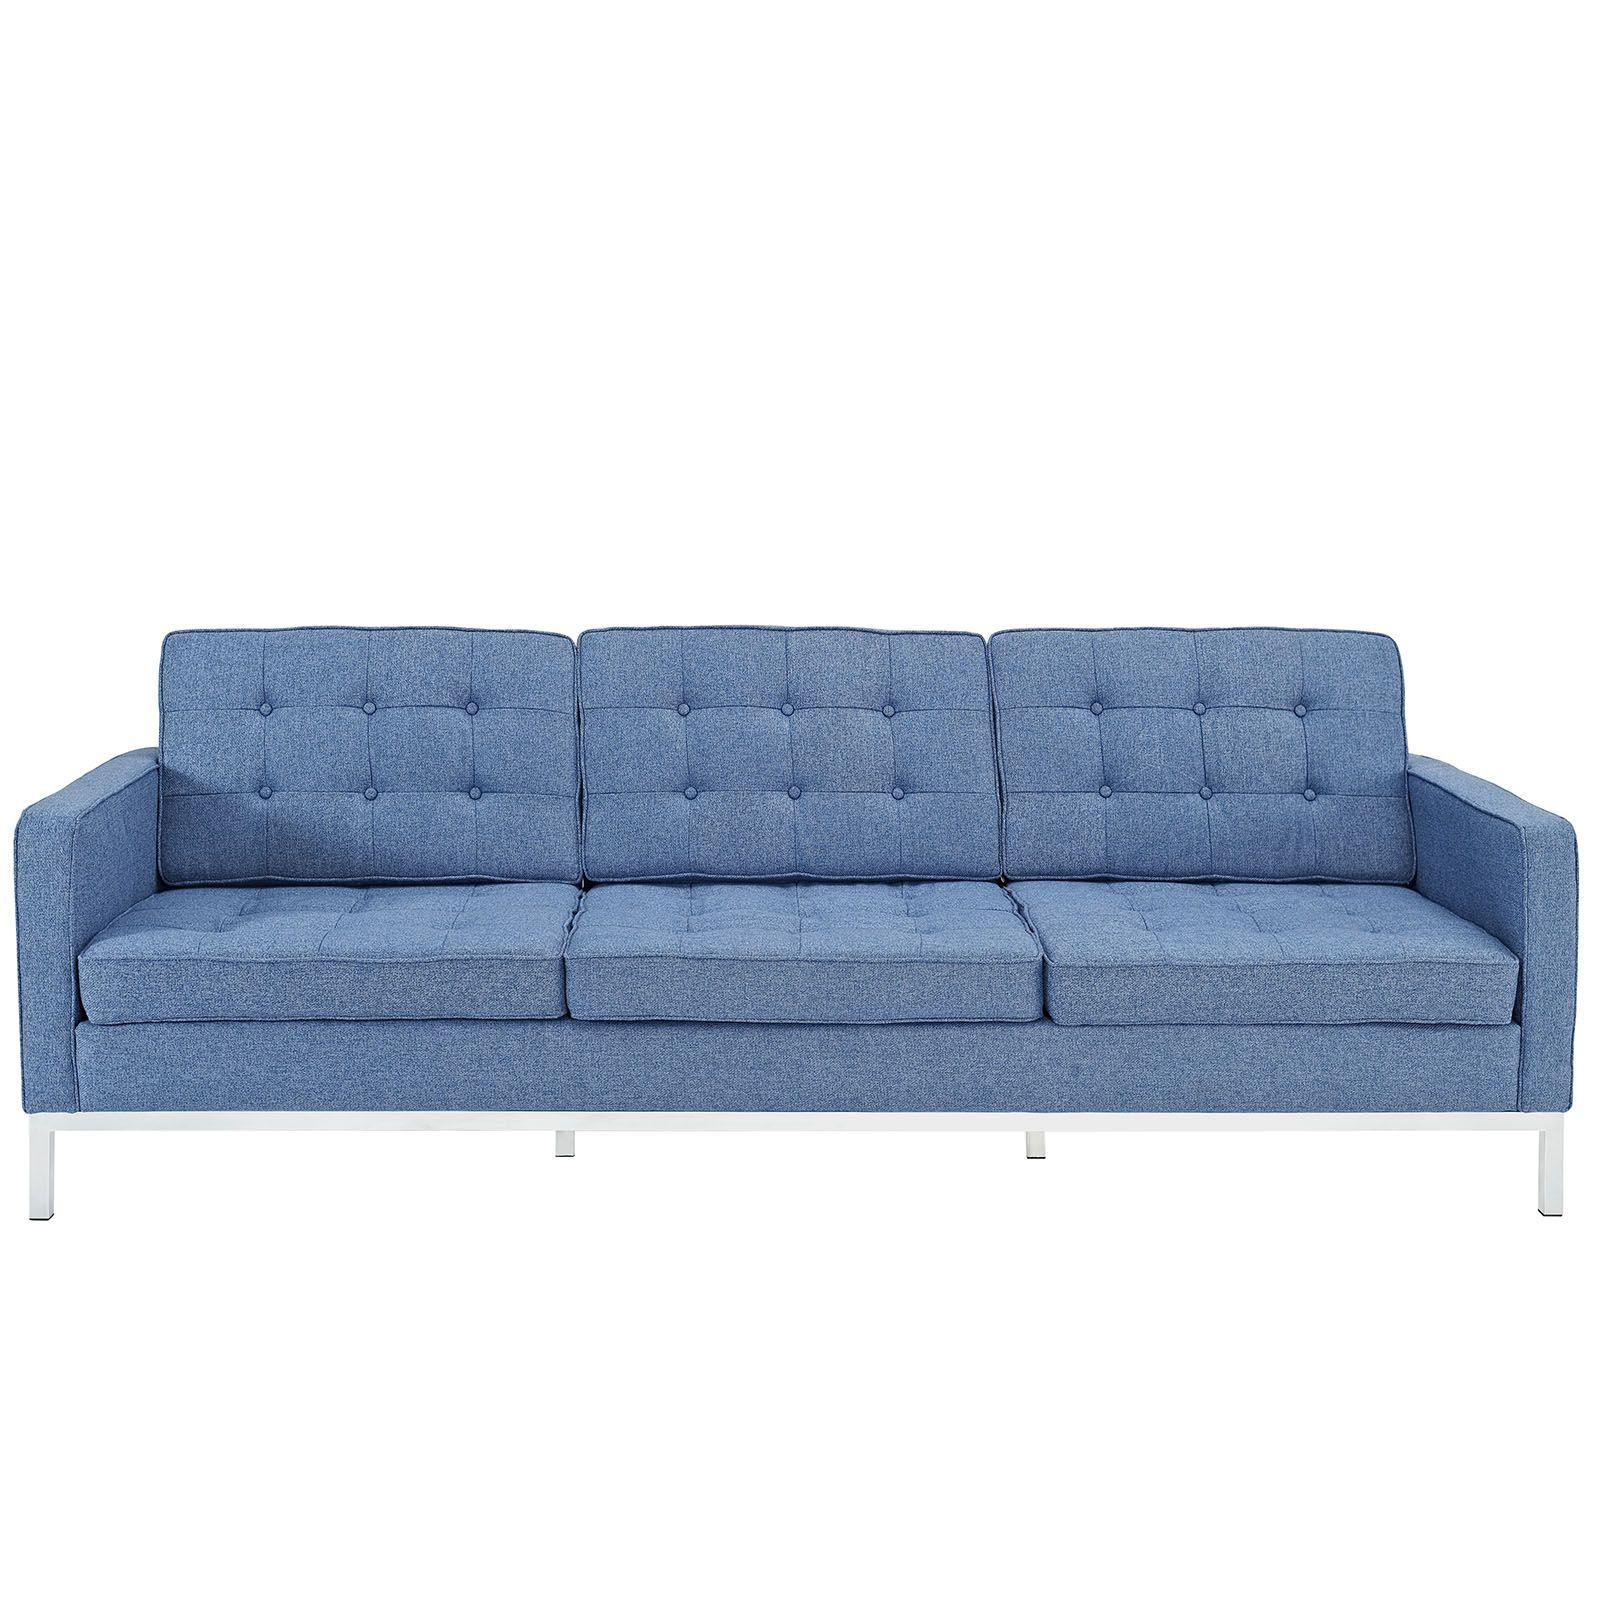 chesterfield zum verkauf verwendet chesterfield sofa zum verkauf rh pinterest com